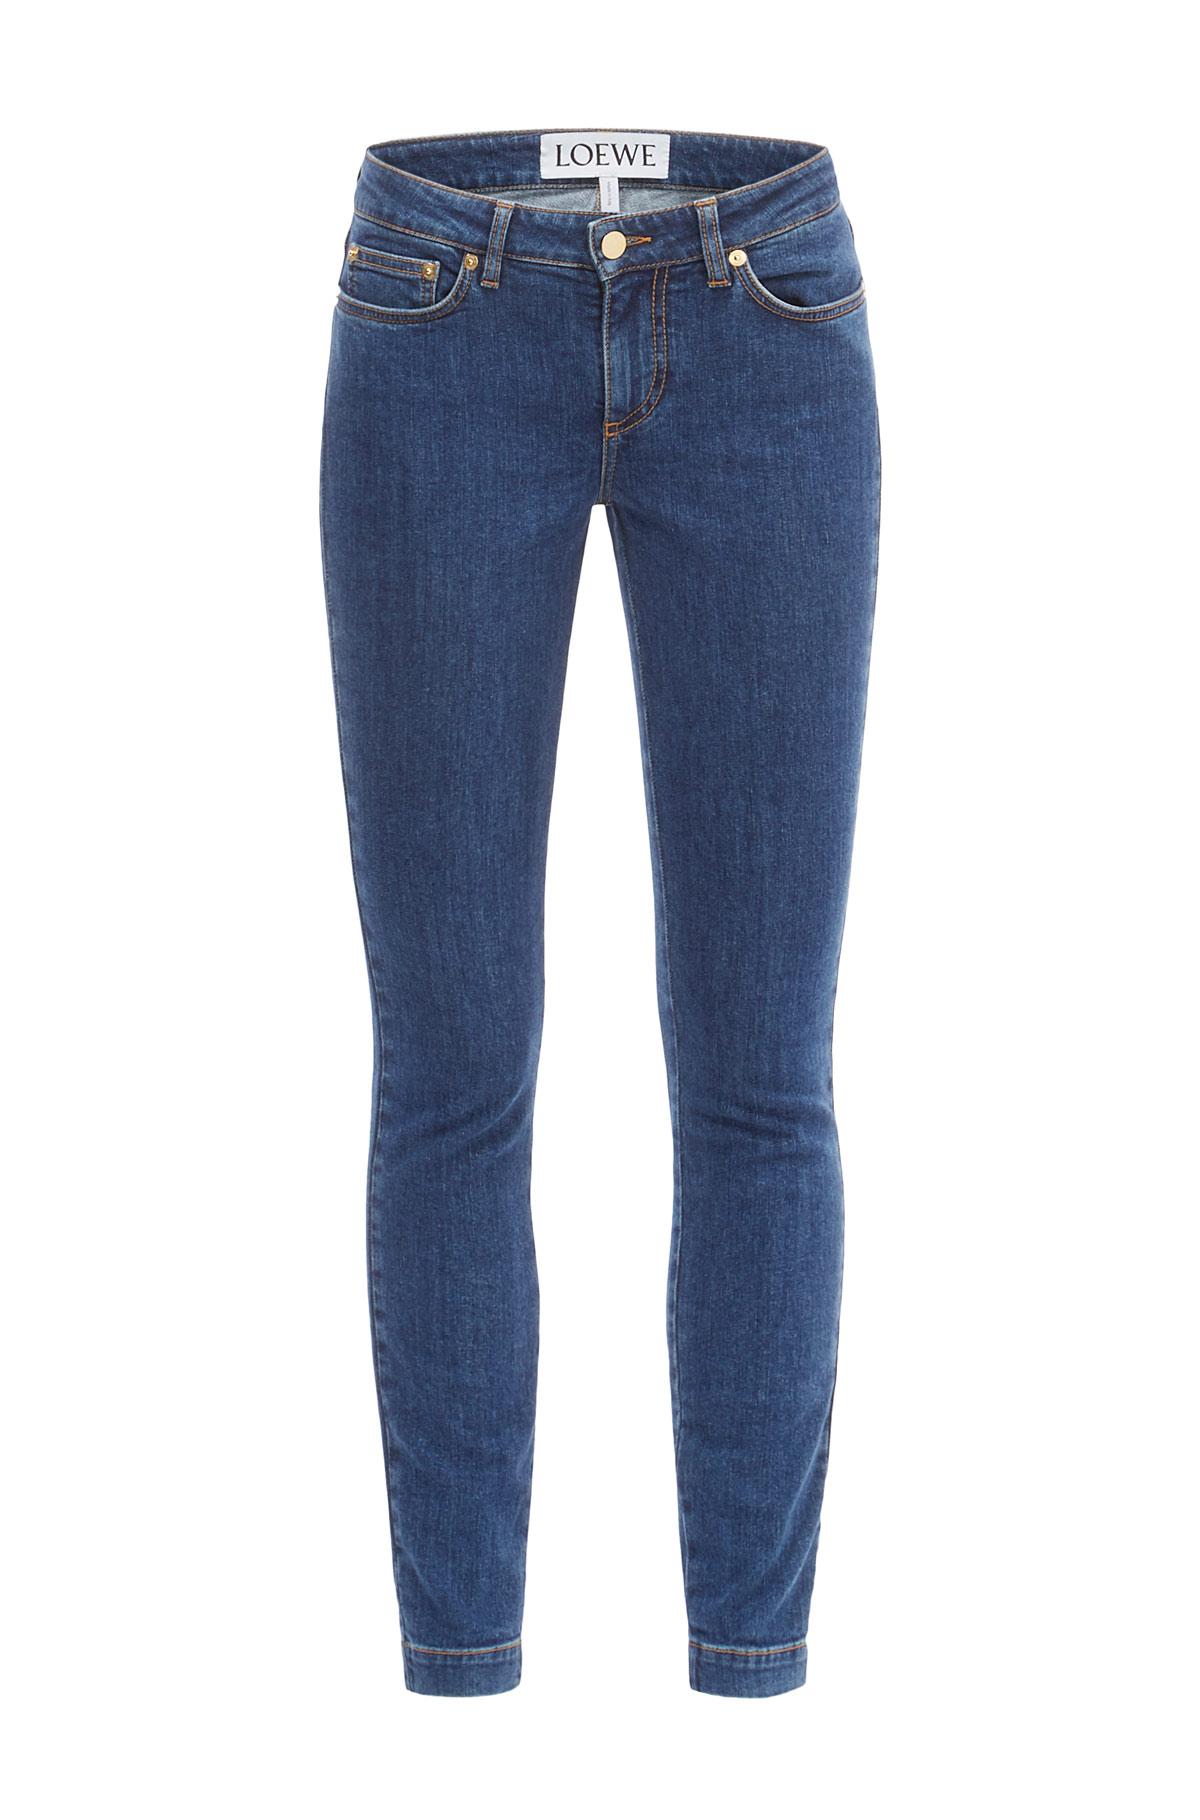 LOEWE Skinny Jeans Blue Denim front